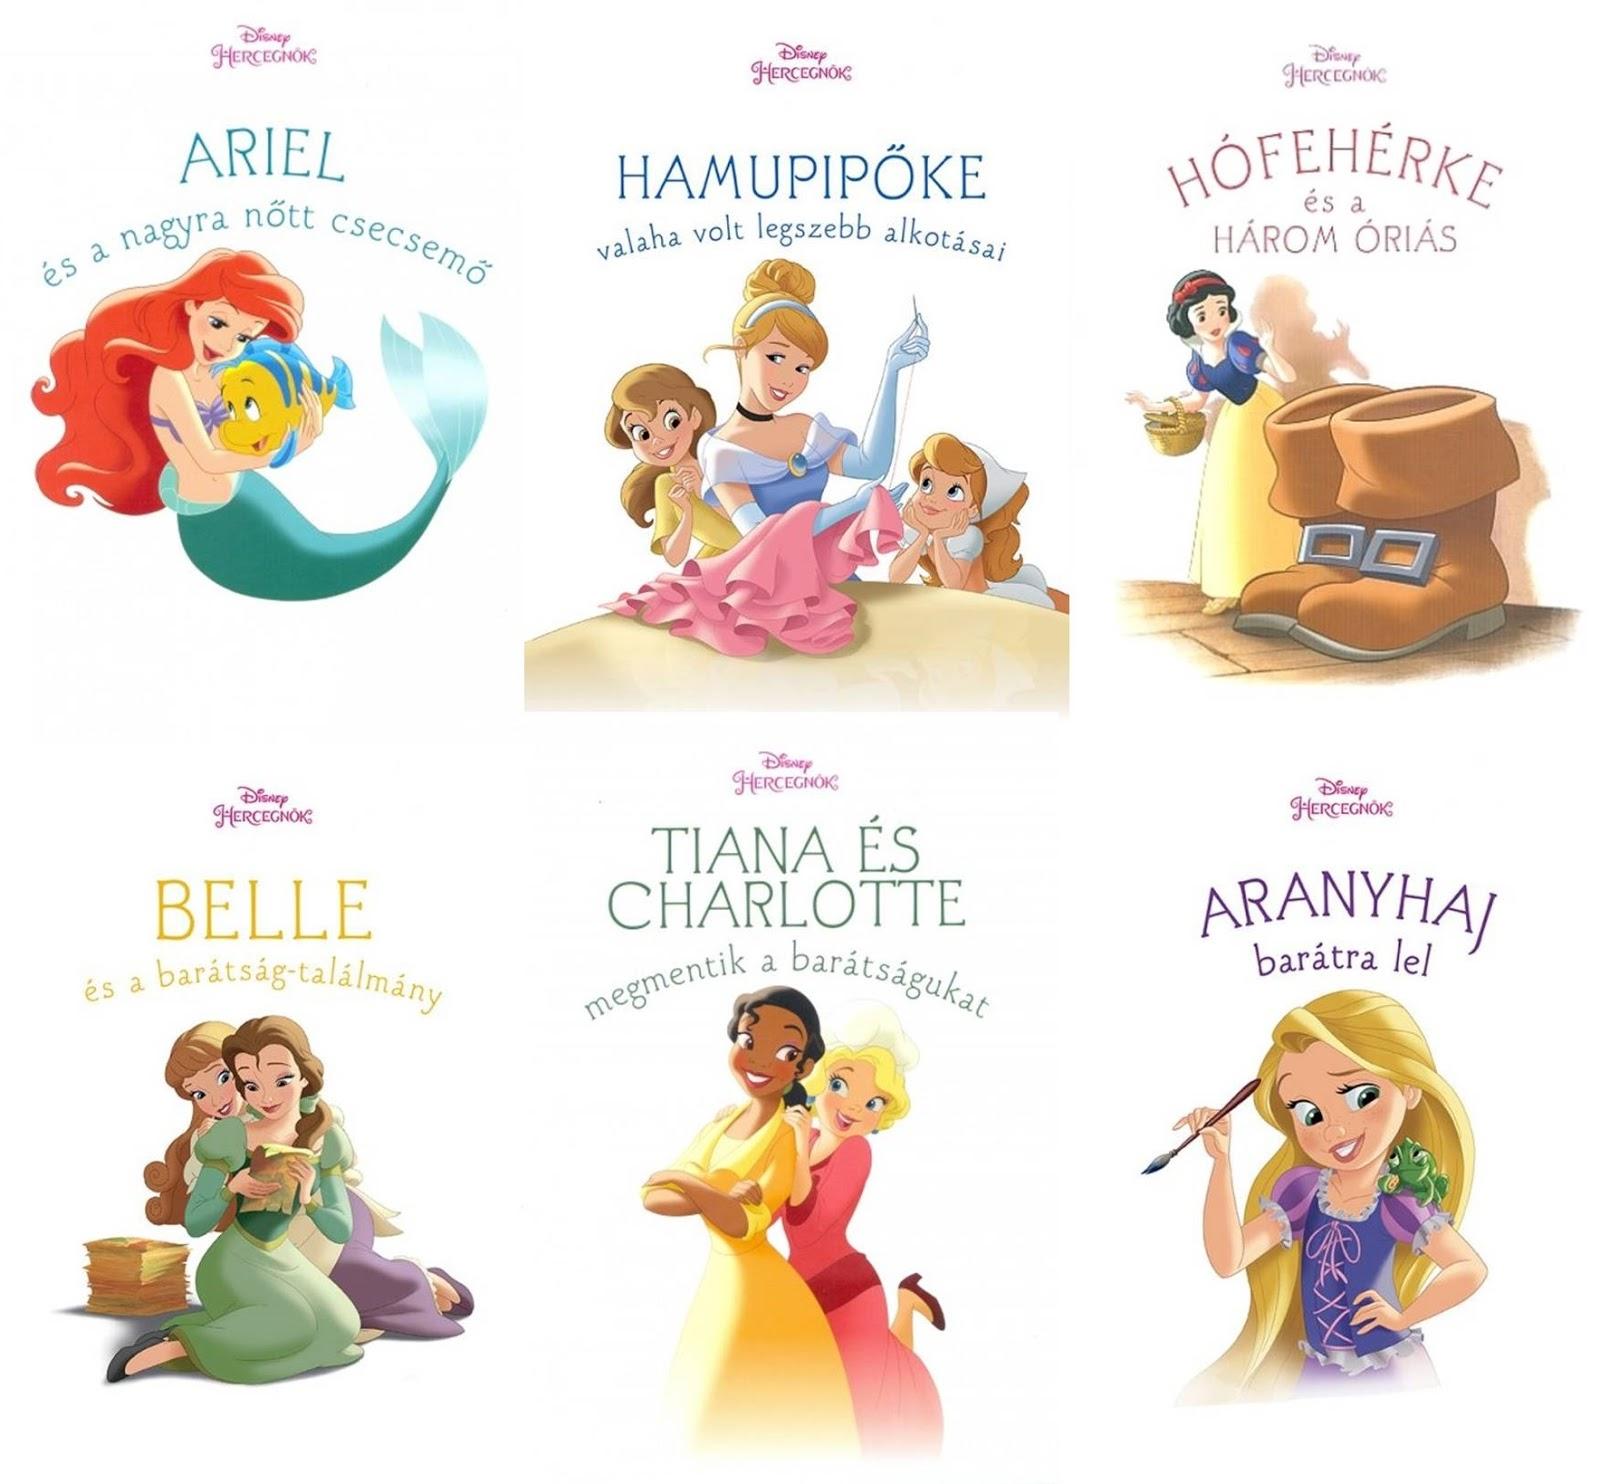 Ma a Disney Hercegnők sorozat köteteivel jelentkezem. A könyvek  gyermekkorom kedvenc hercegnőinek egy-egy napját mesélik el 436b6a070a